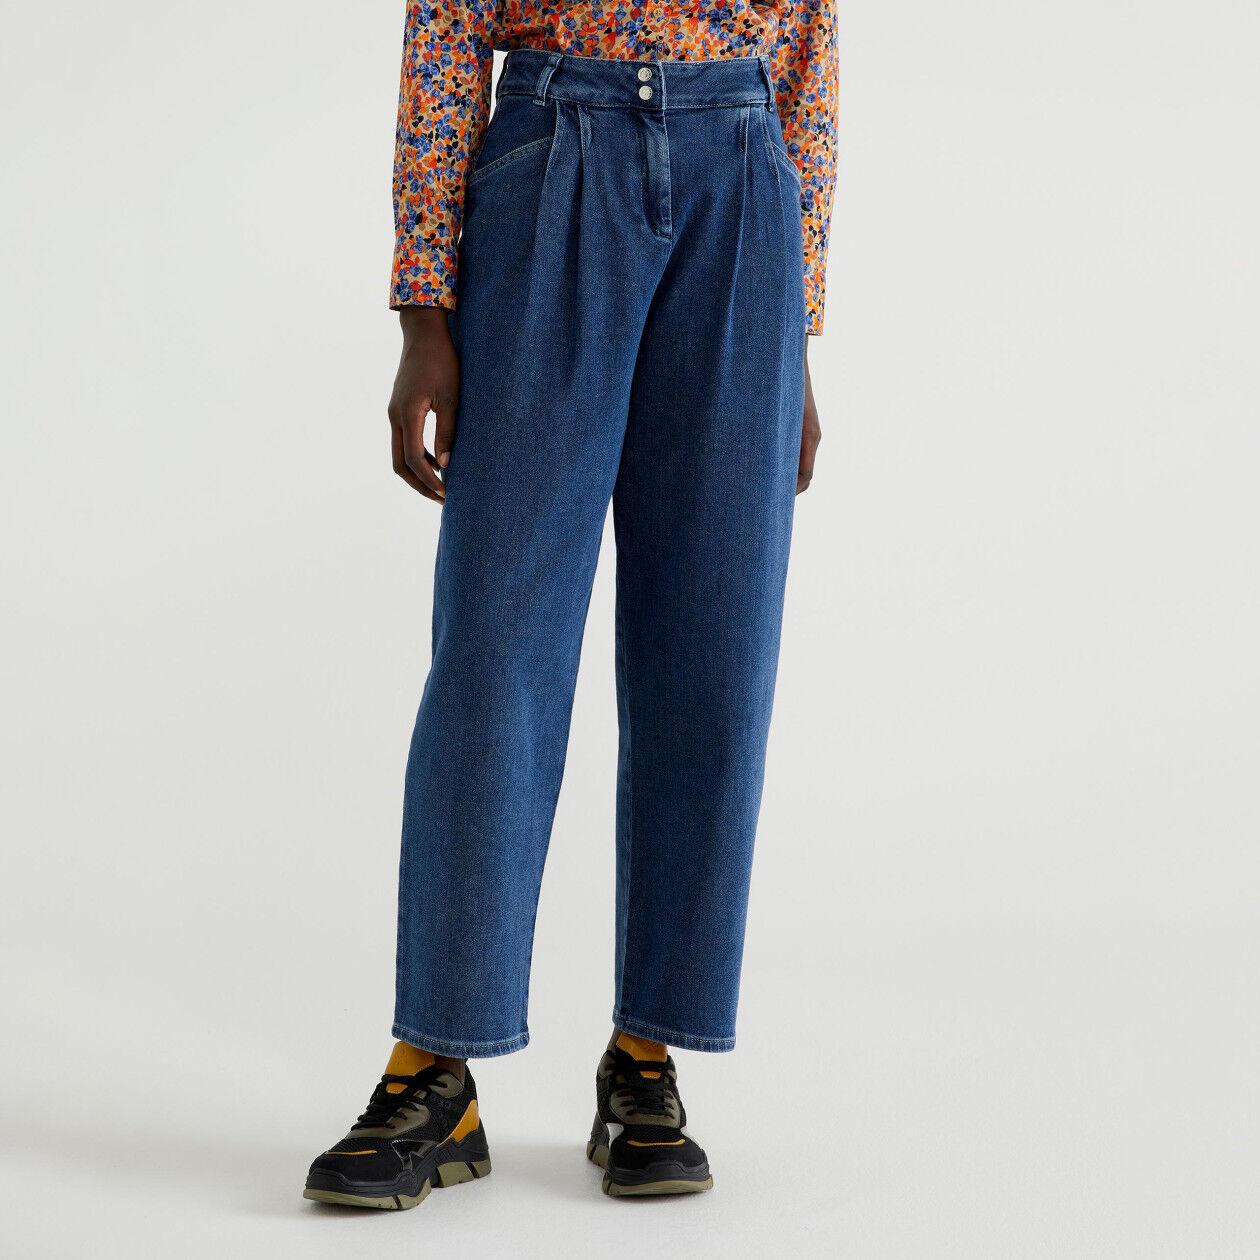 Pantalón vaquero holgado